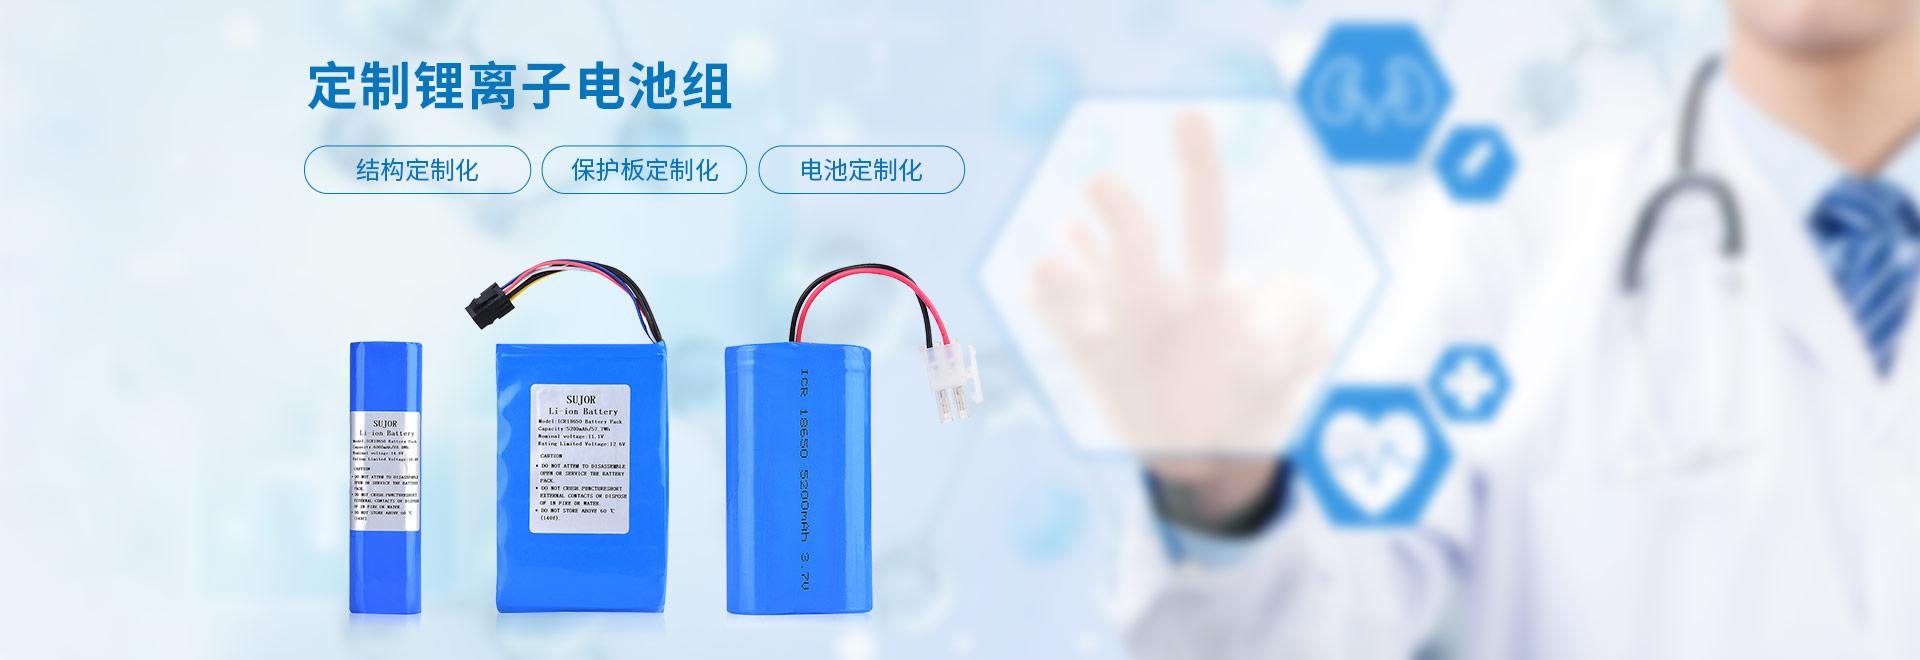 定制锂离子电池组